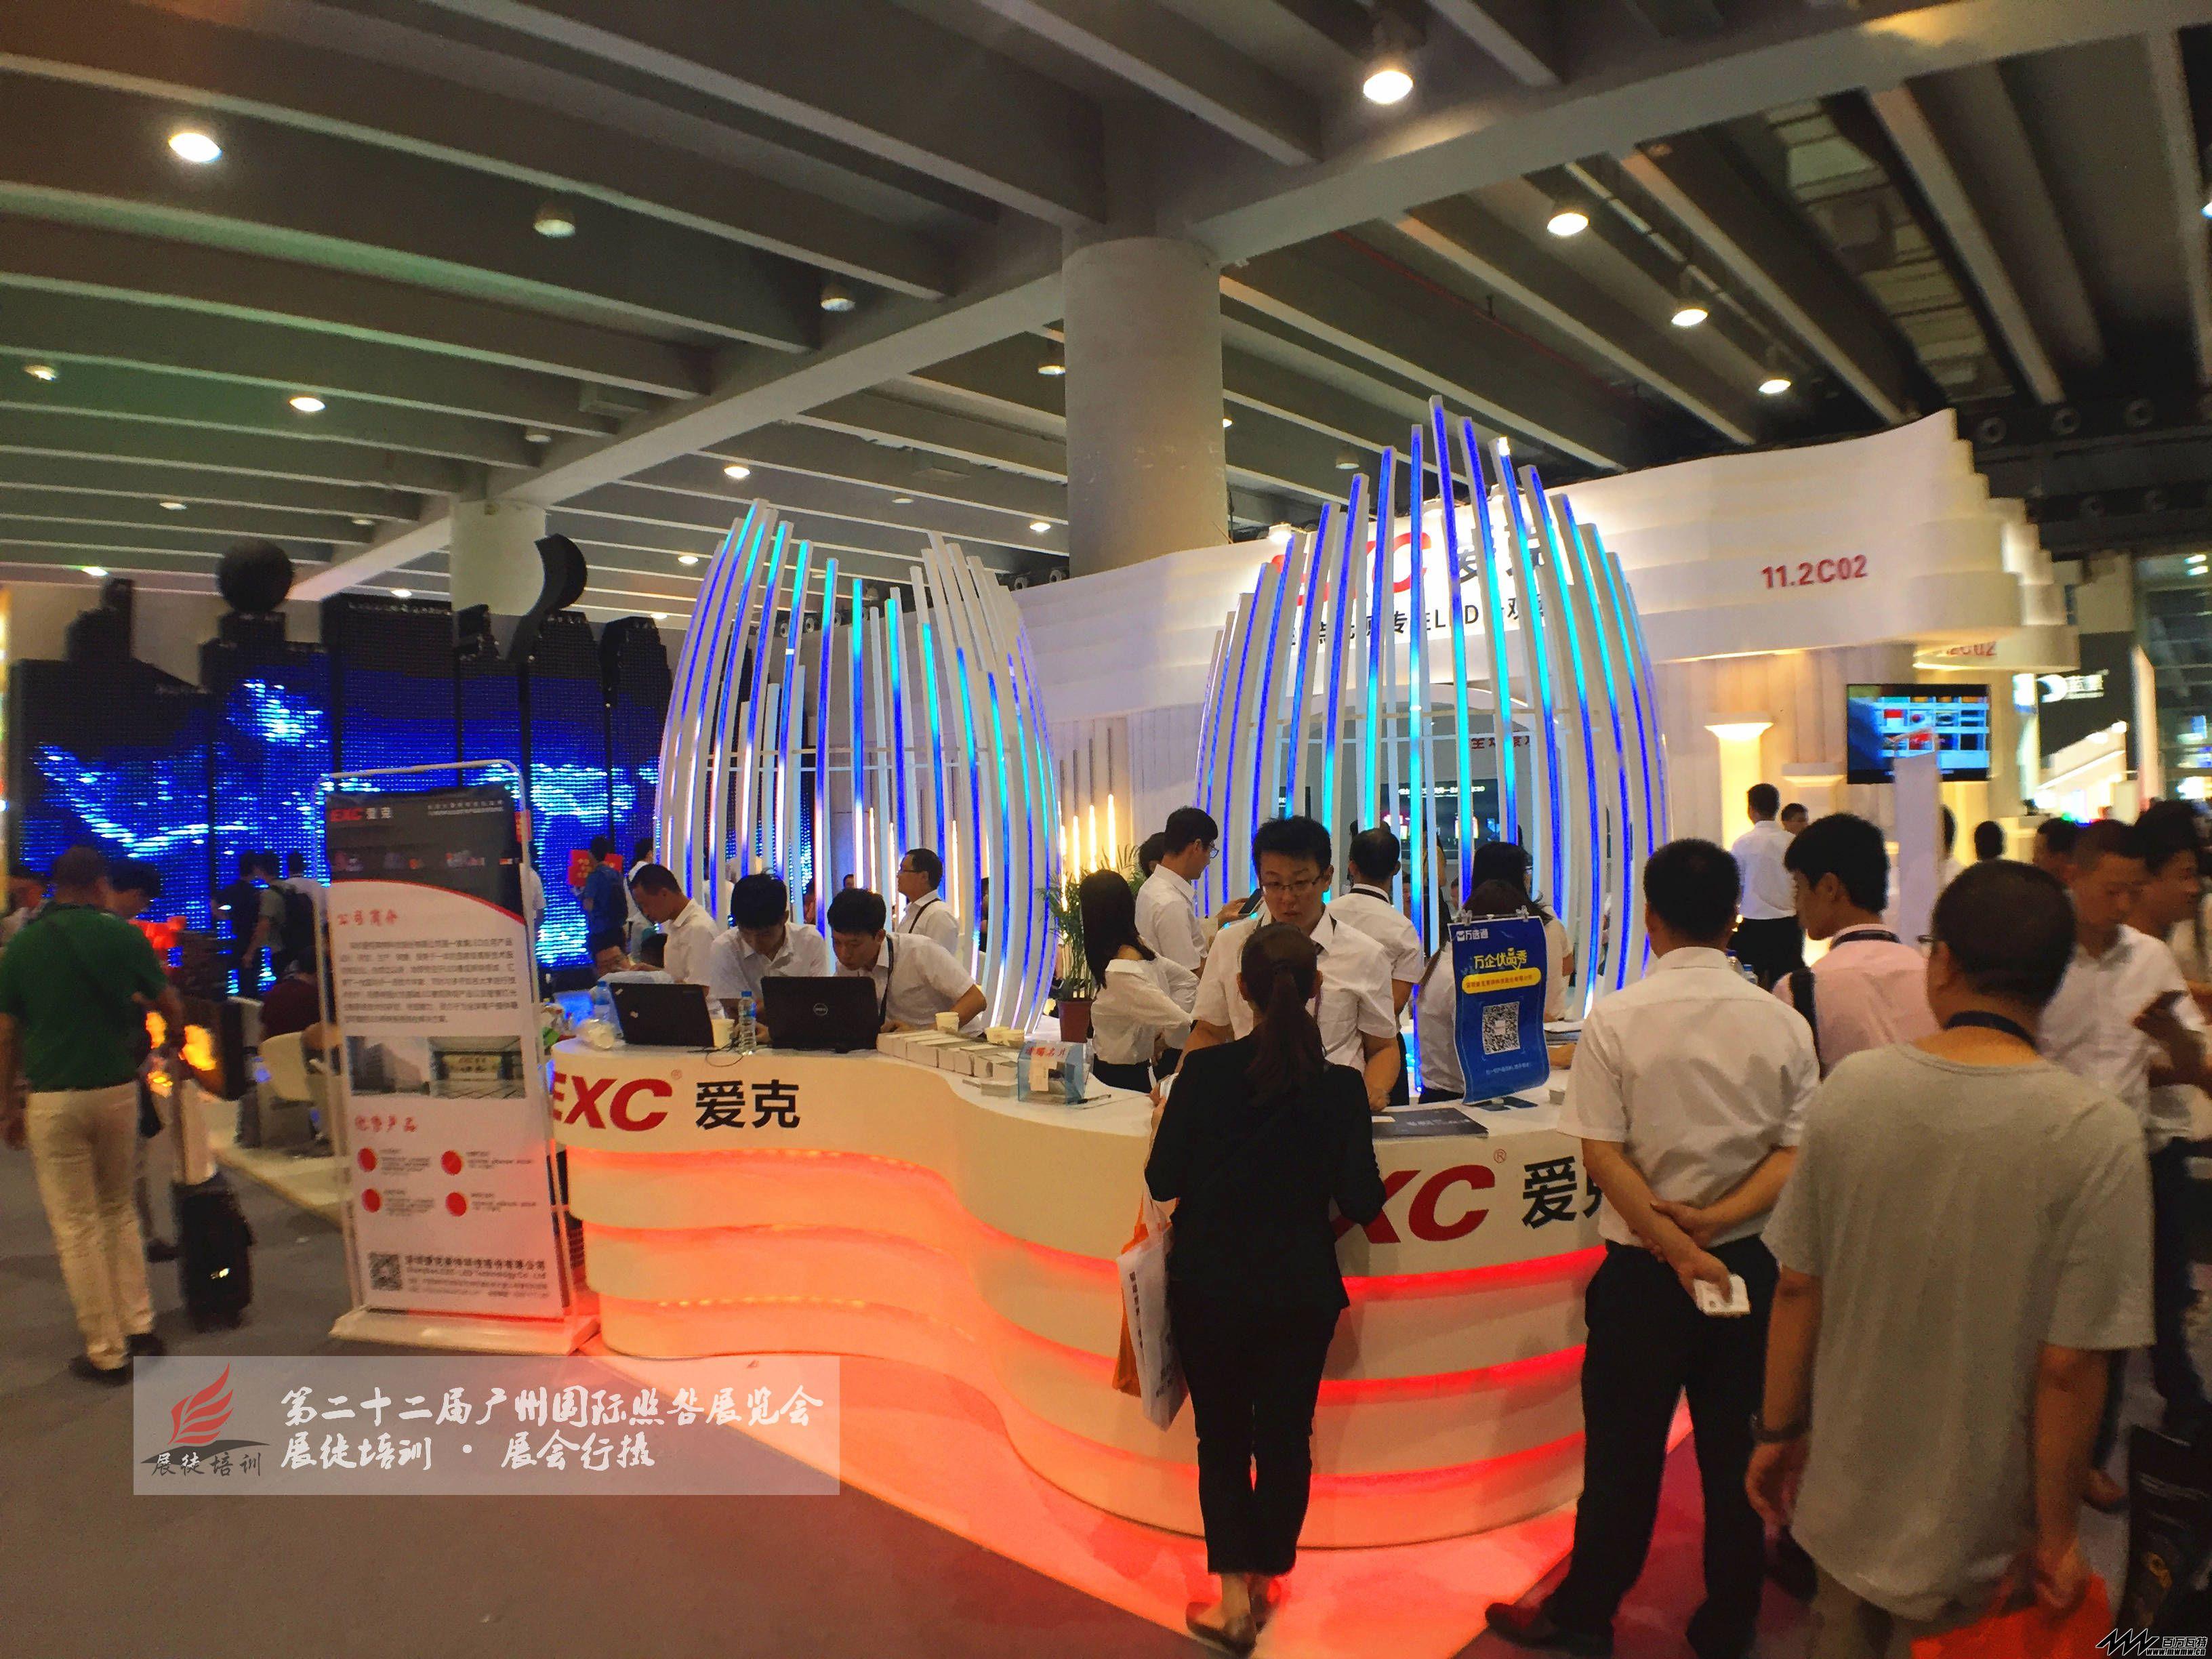 第二十二届广州国际照明展览会-展徒培训·展会行摄 (2).jpg